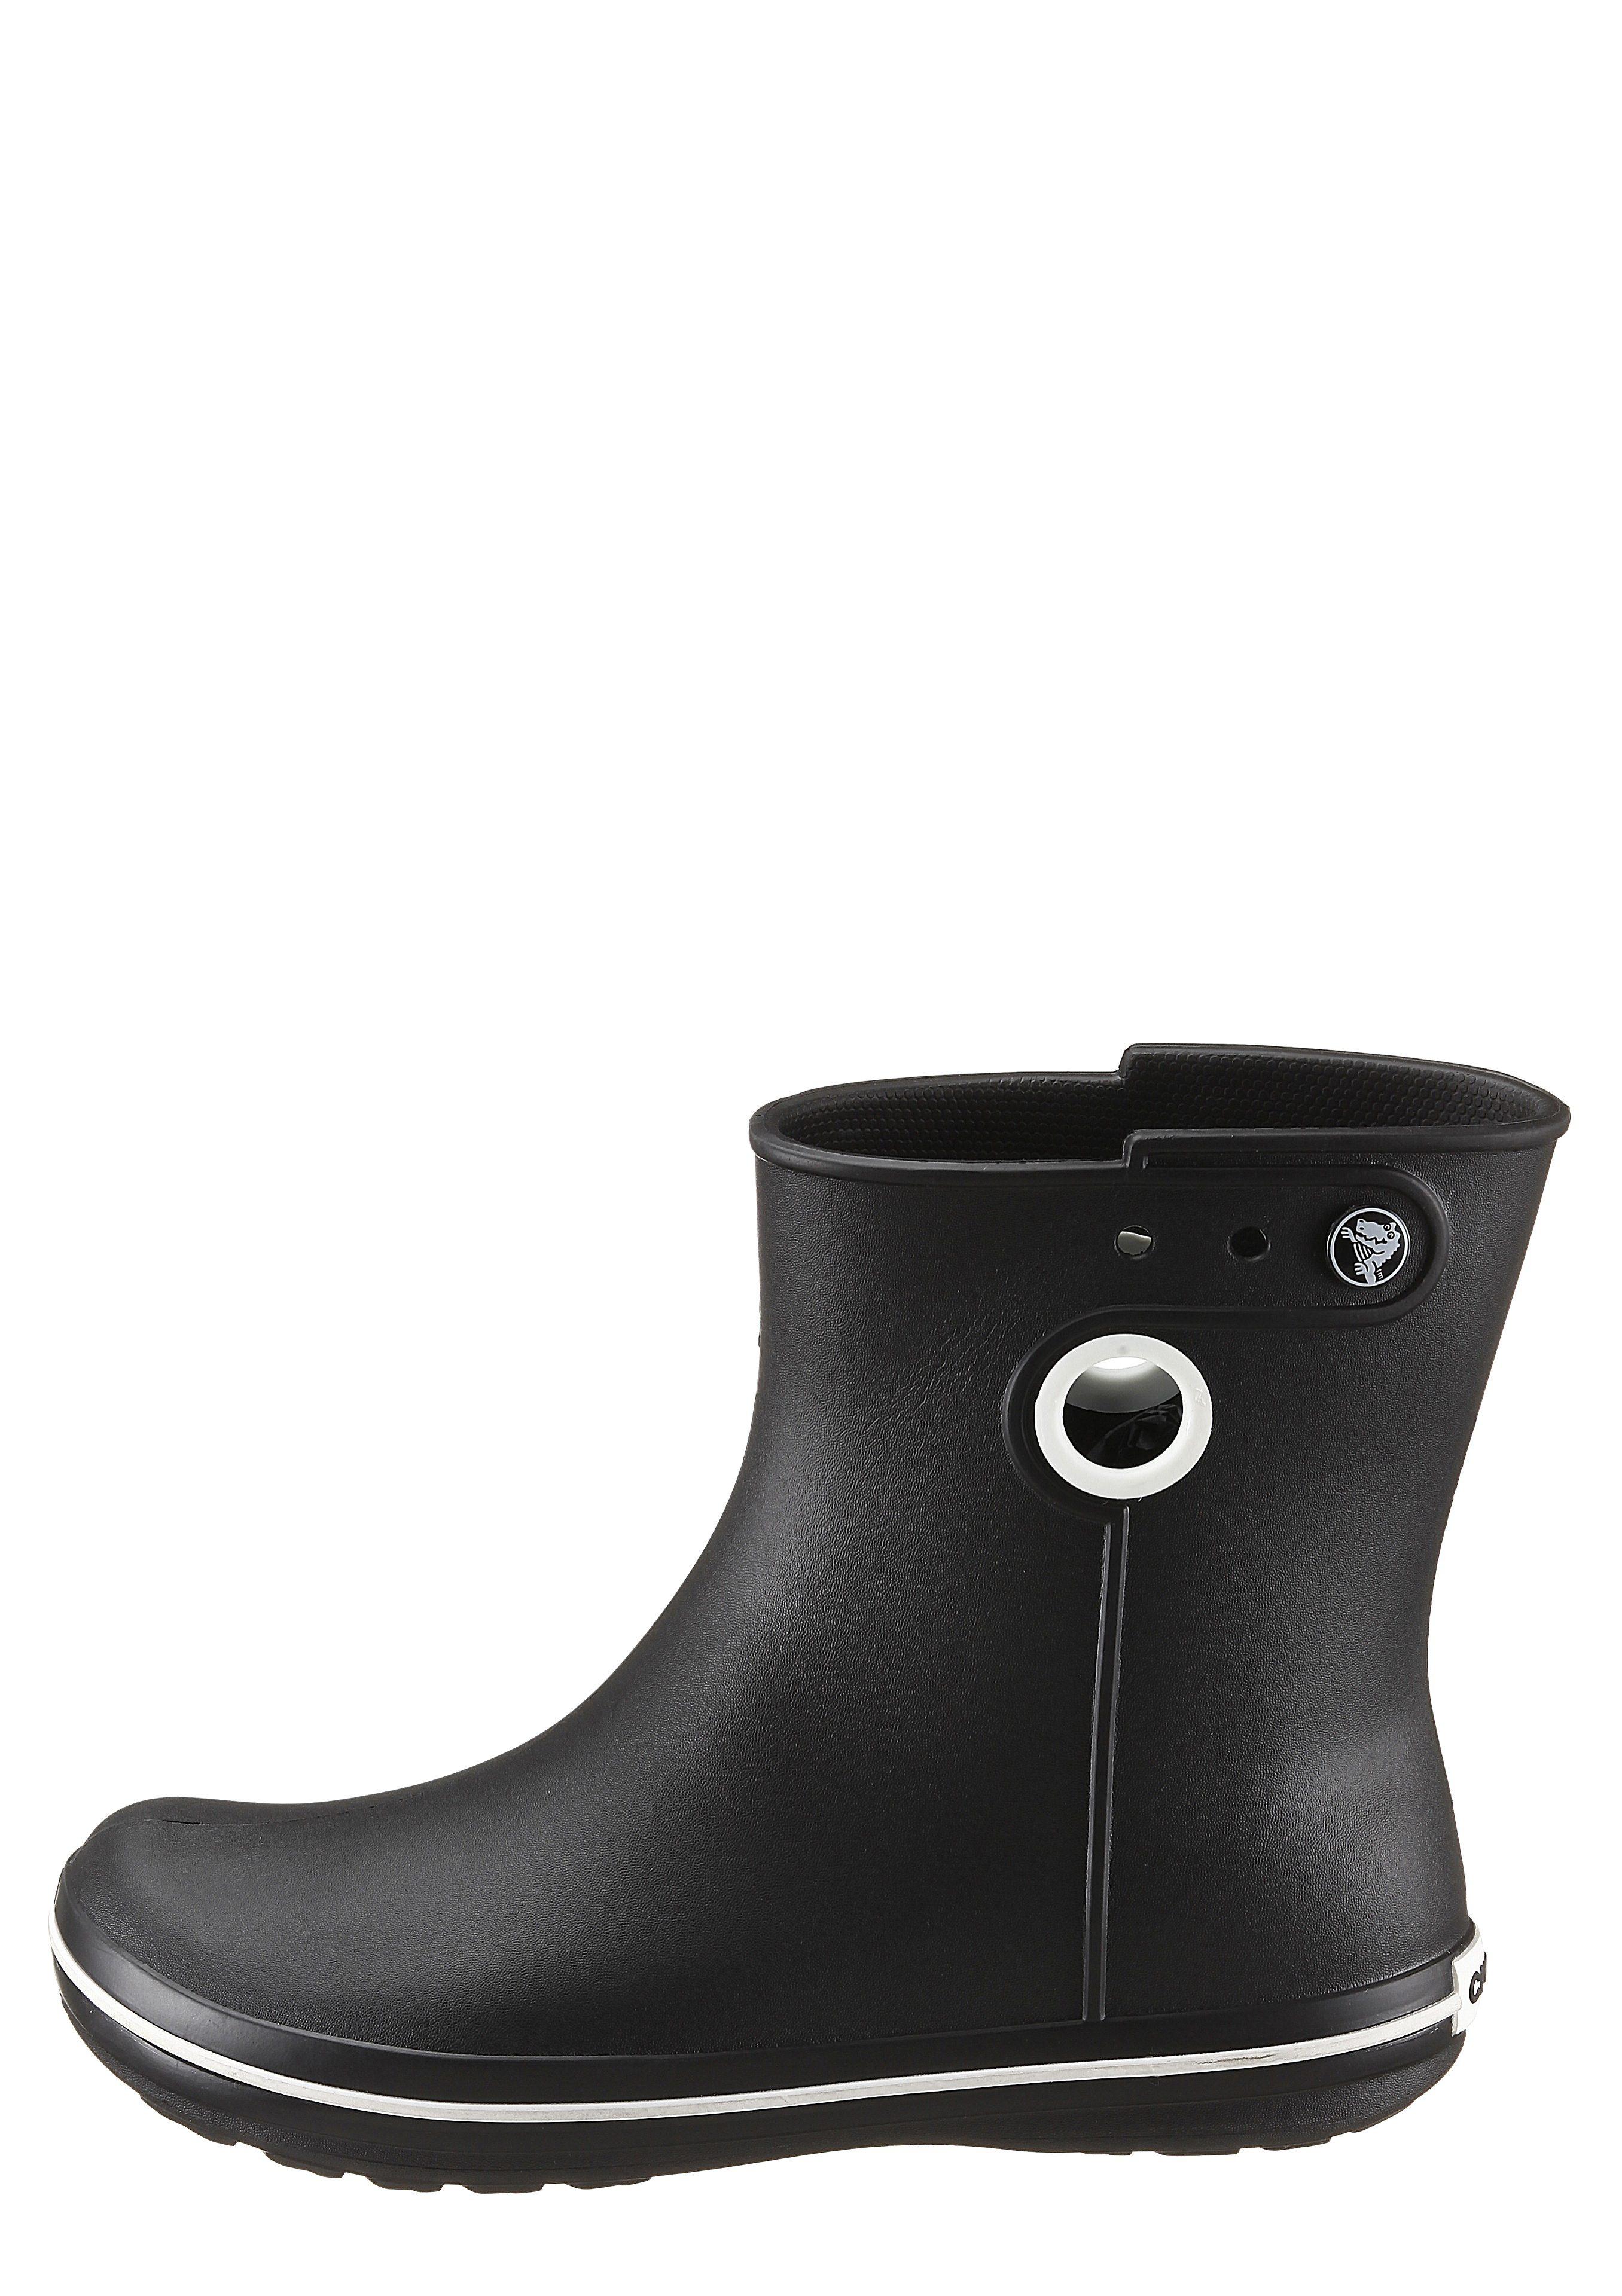 promo code b48b3 e3d04 Crocs Gummistiefel »Jaunt Shorty Boot«